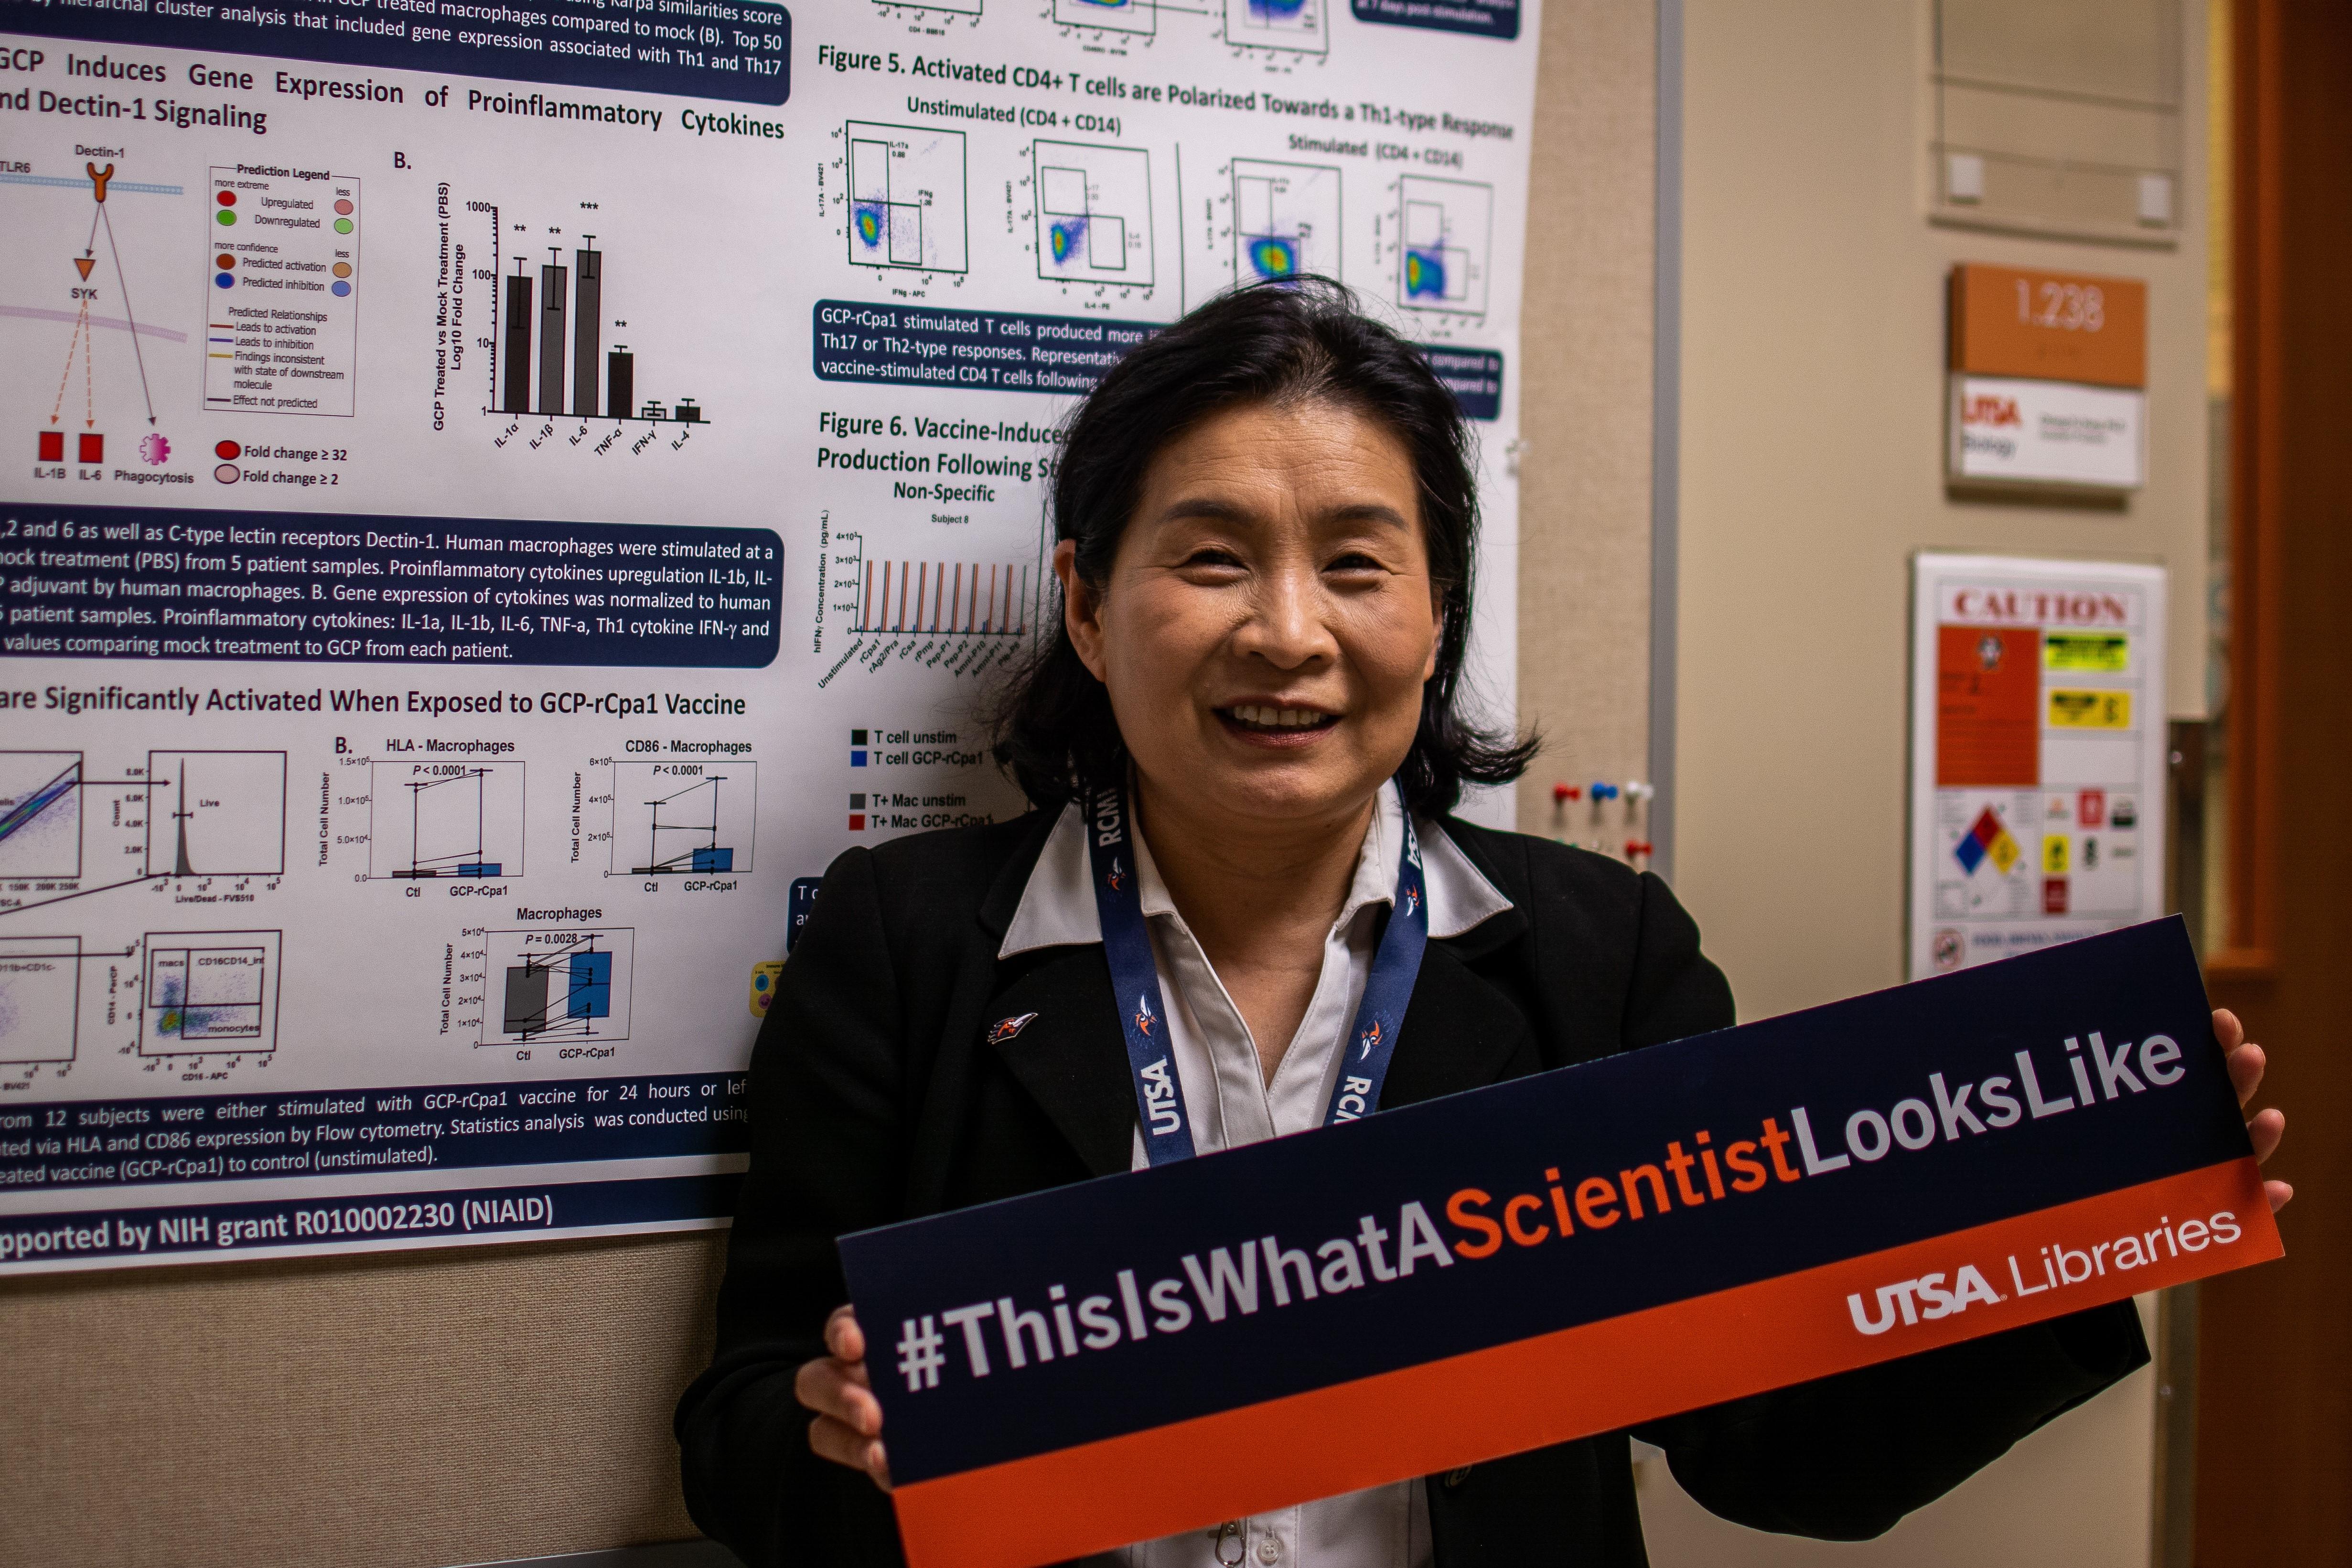 Dr. Ching-Yu Hung